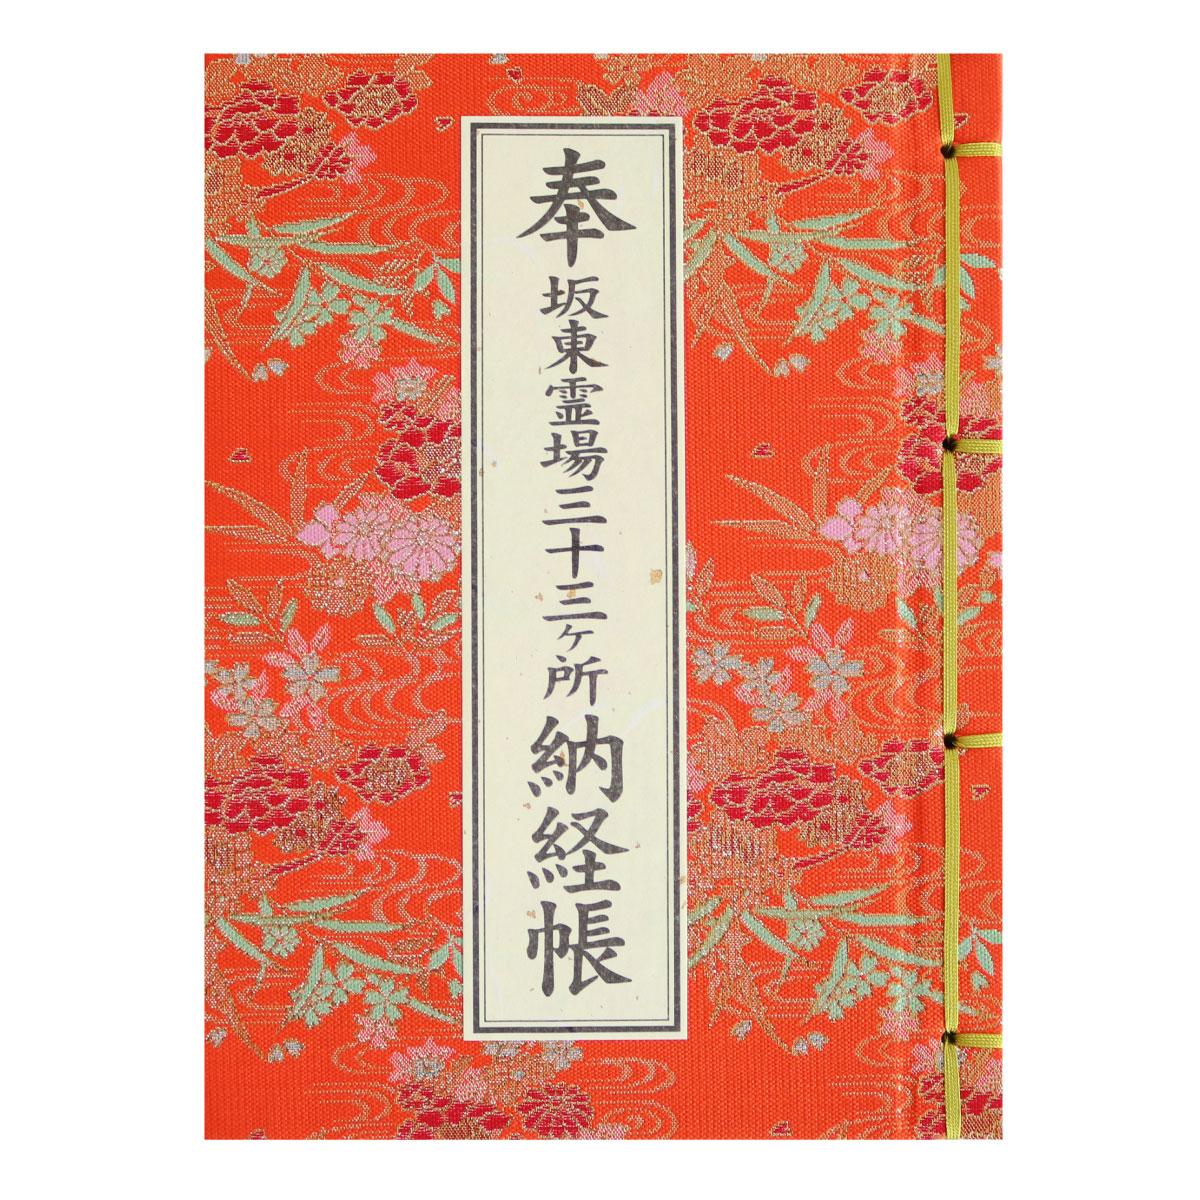 坂東三十三ヶ所霊場納経帳流水花柄(朱)